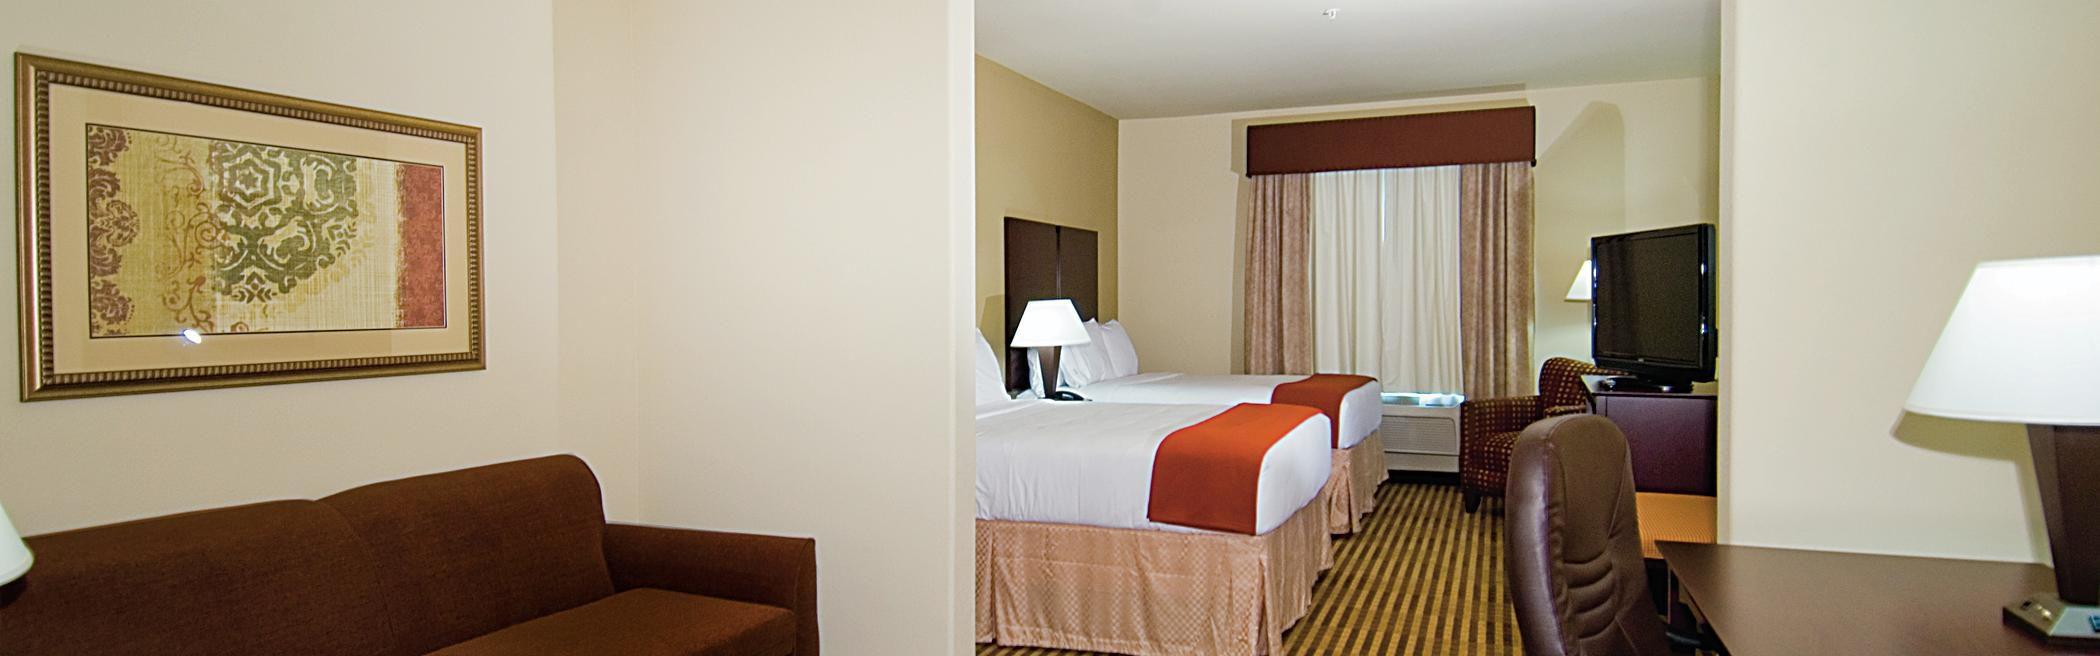 Holiday Inn Express Marble Falls image 1